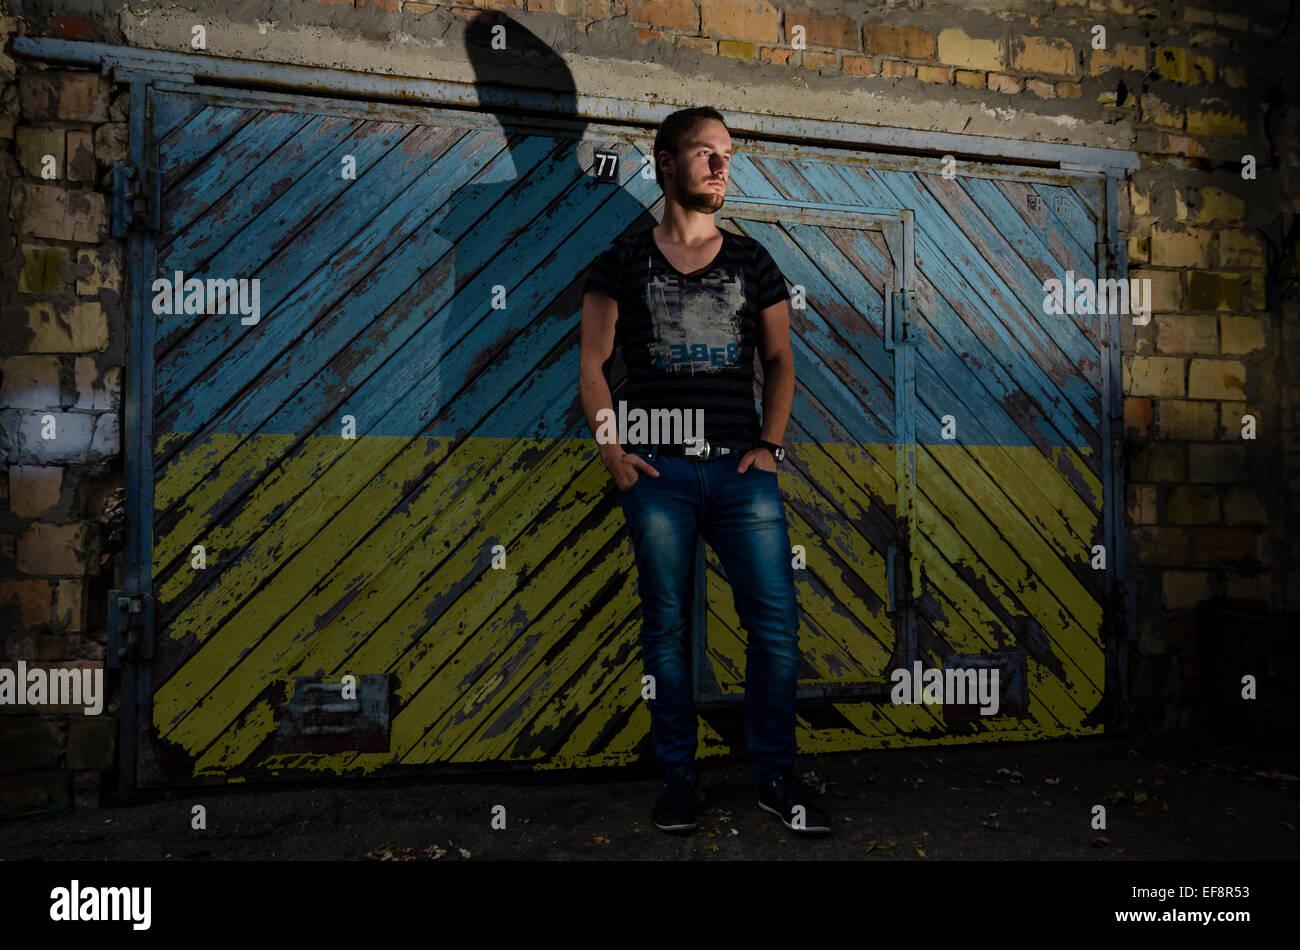 Ukraine, Kiev, Young man standing in front of garage with Ukrainian flag painted on door - Stock Image